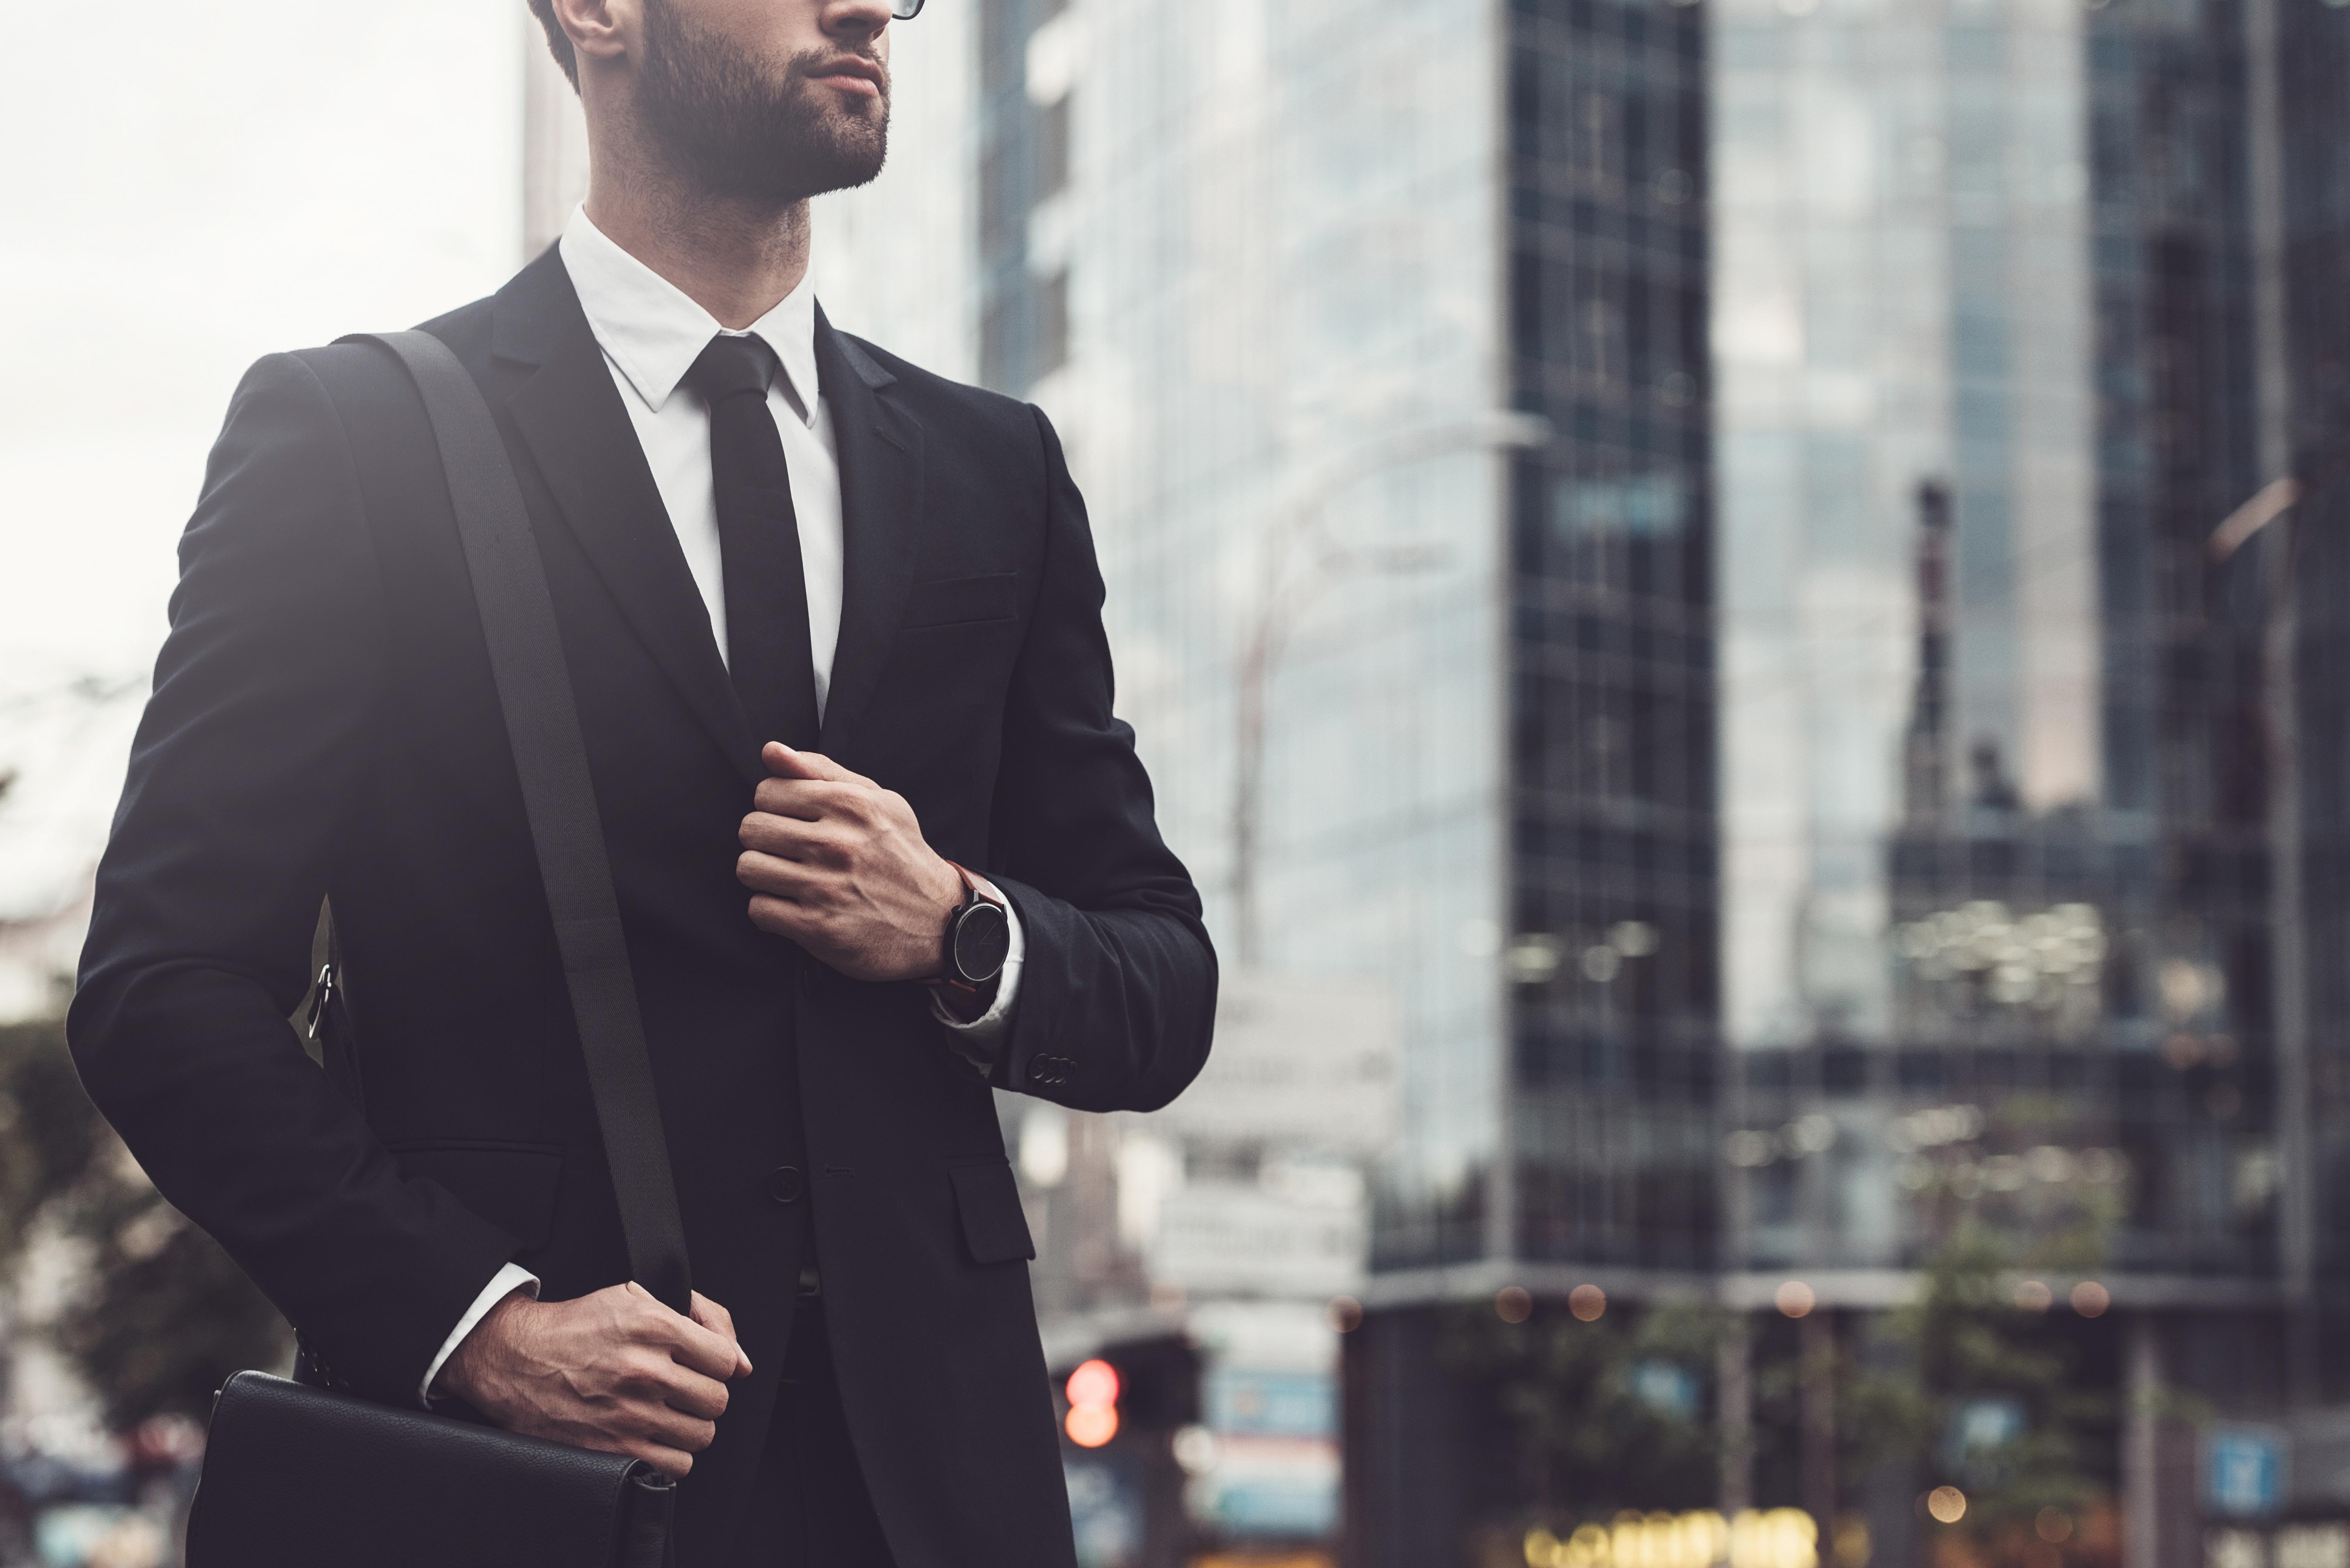 Бизнесмен, который может получить ВНЖ в Молдове по бизнесу